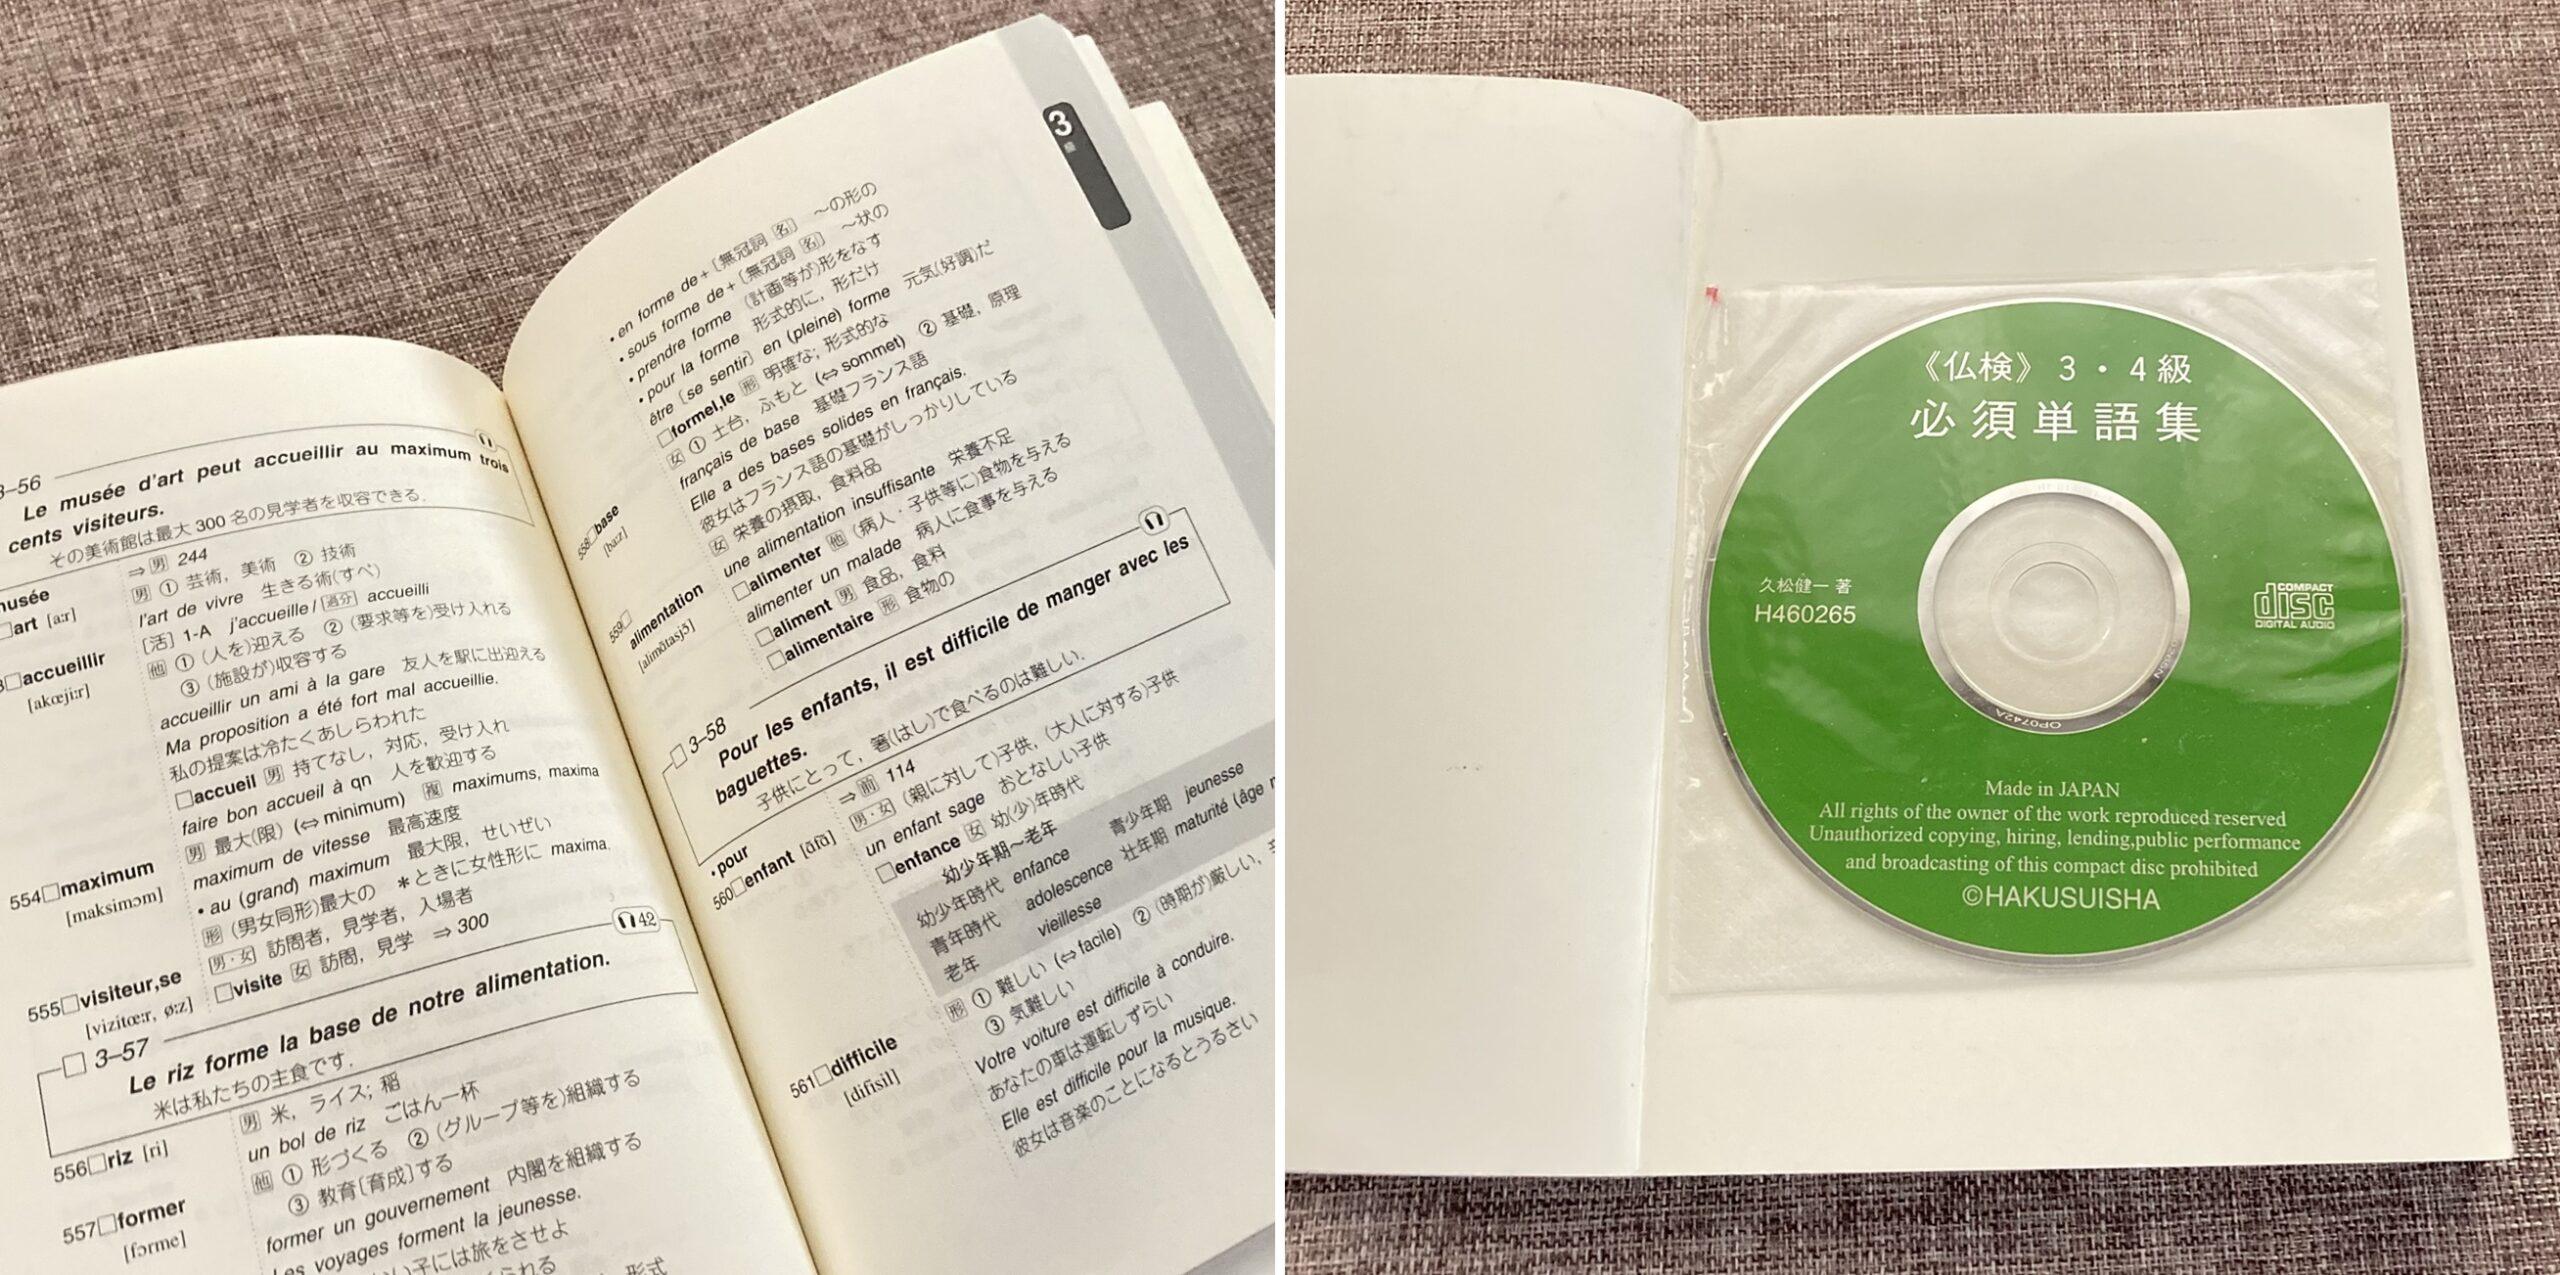 《仏検》3・4級必須単語集のページと付属のCD